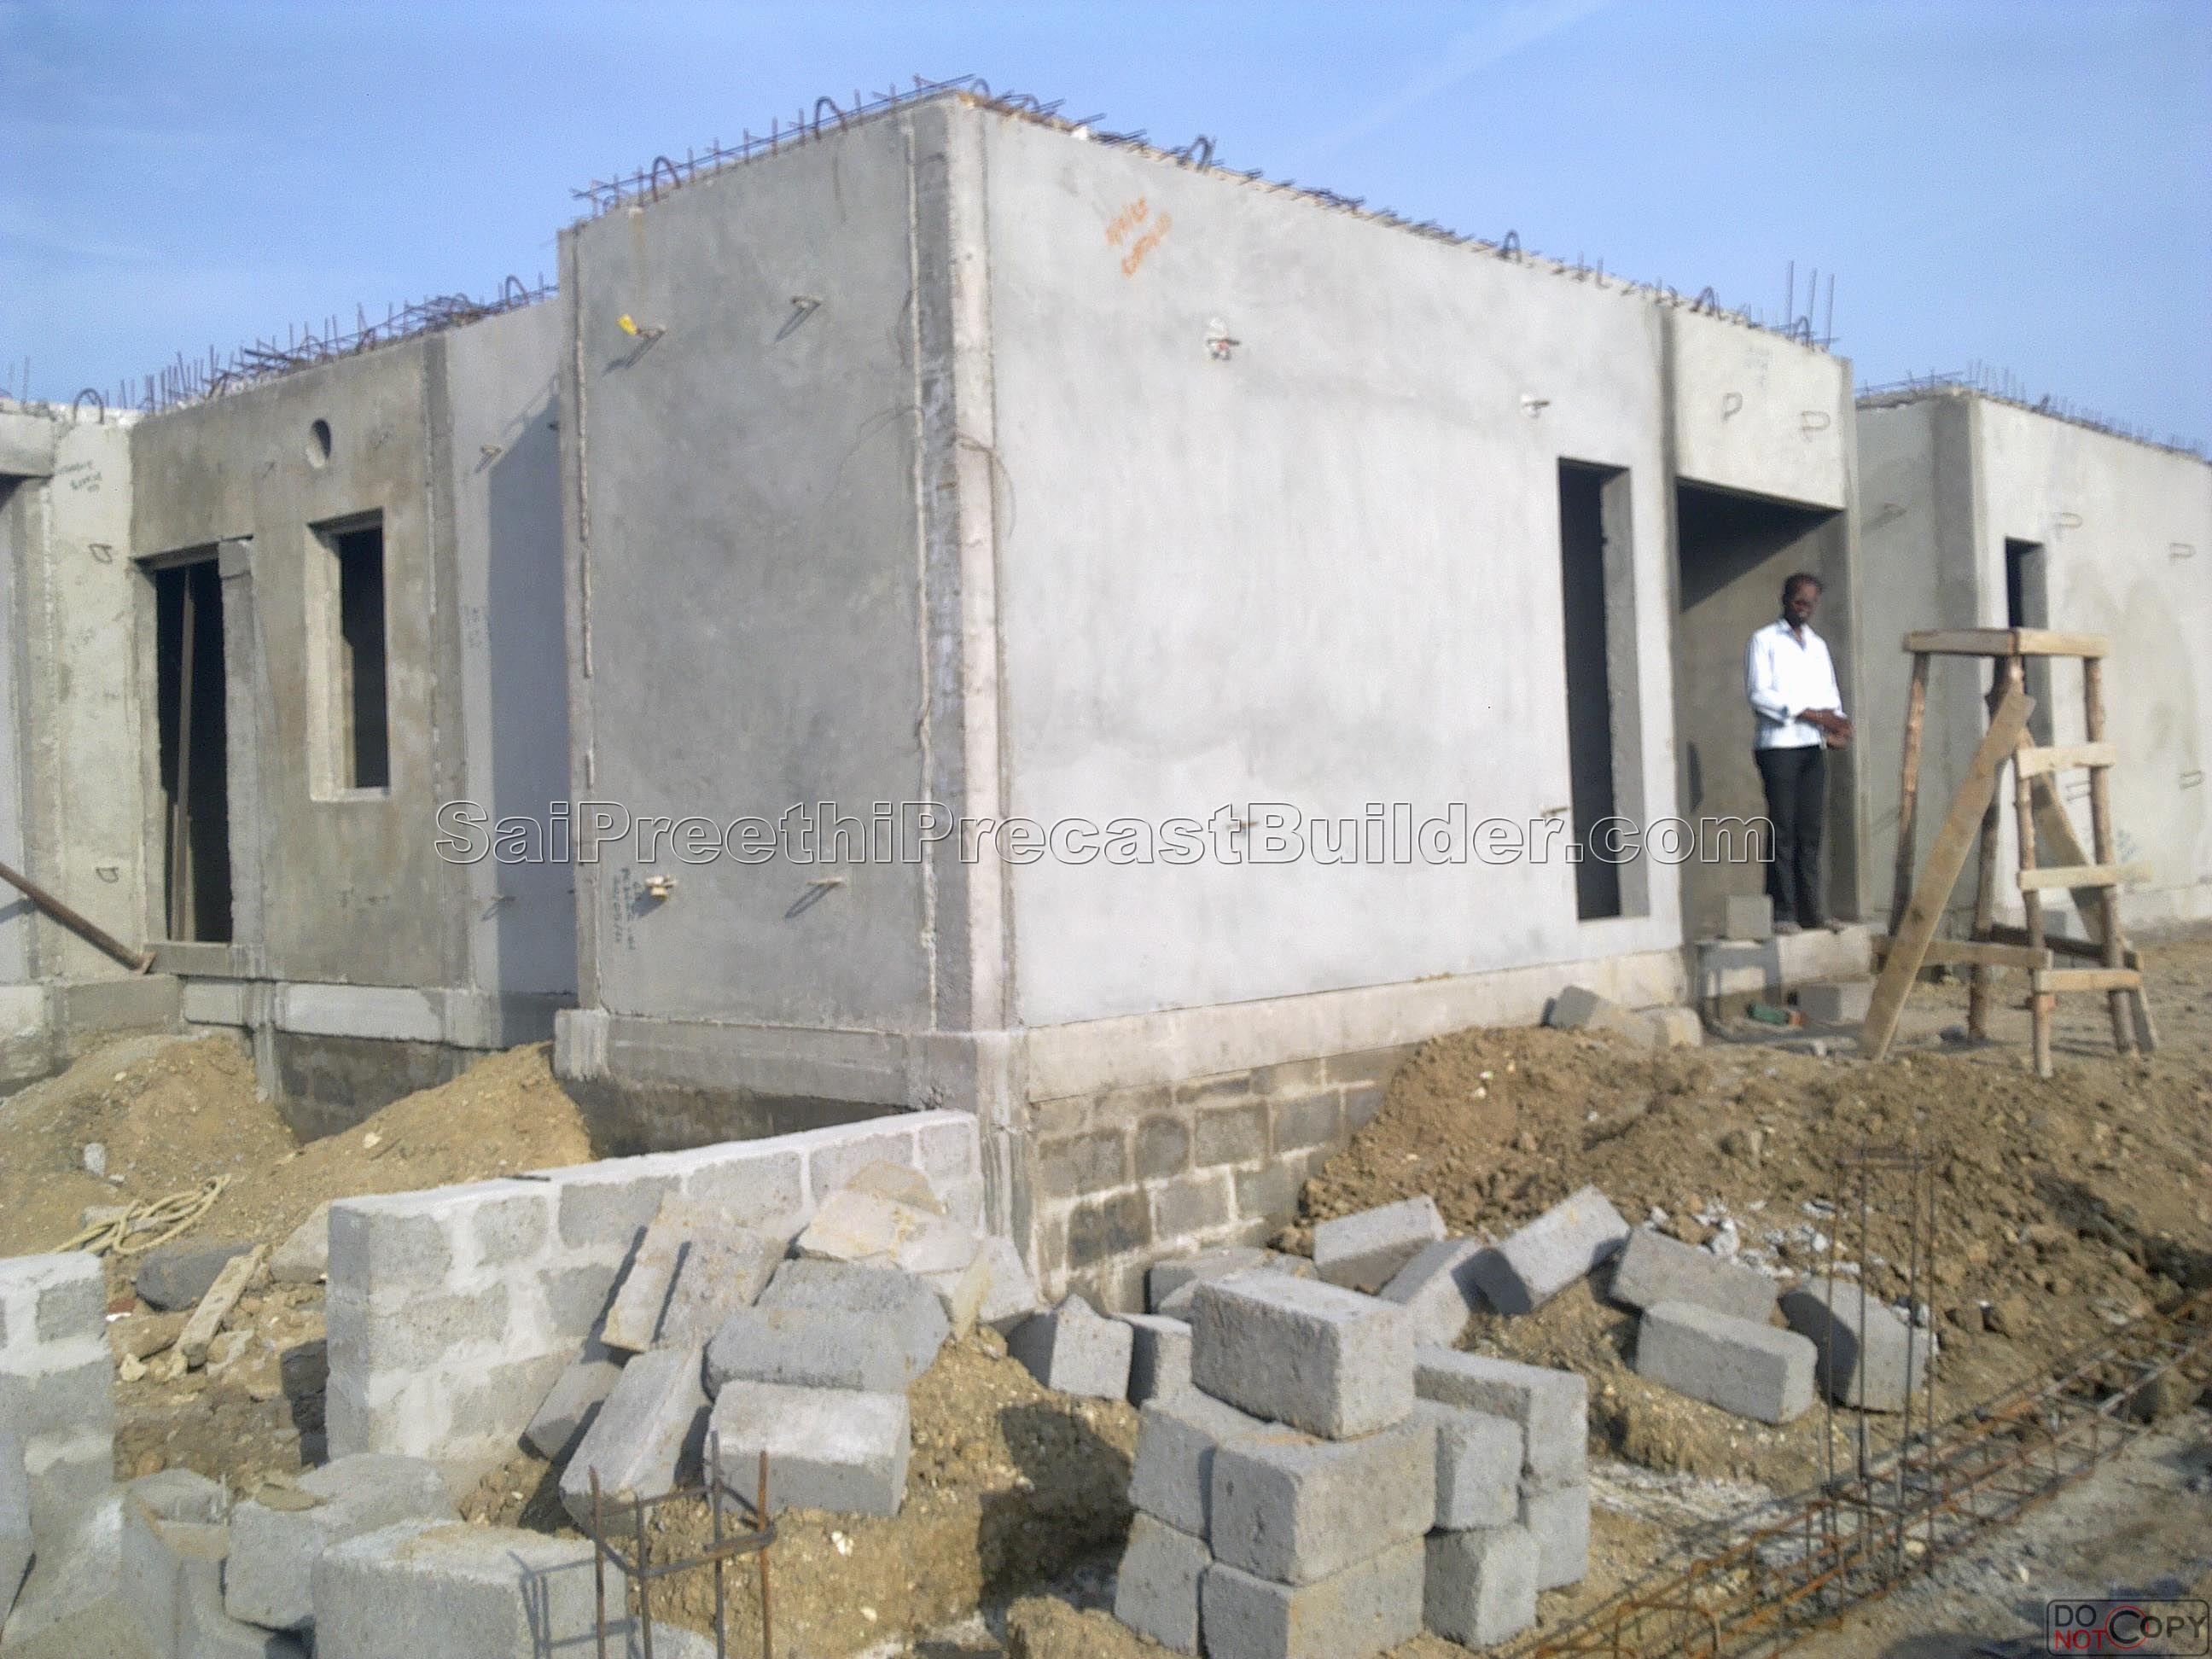 Precast residential house 6 sai preethi precast builder for Precast concrete home